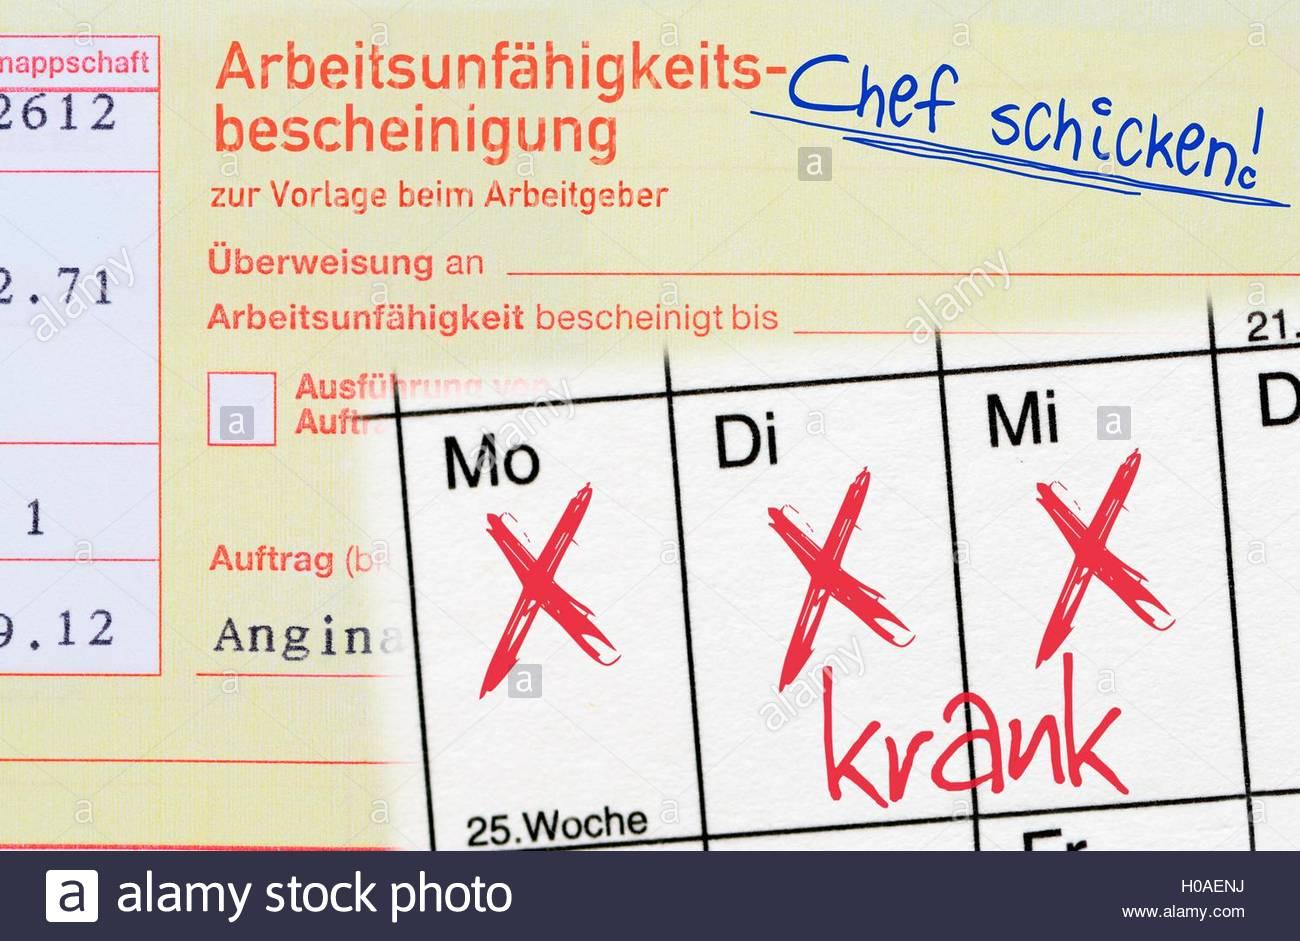 BLWX072126 [ (c) blickwinkel/McPHOTOx/Christian Ohde Tel. +49 (0)2302-2793220, E-mail: info@blickwinkel.de, Internet: Stock Photo